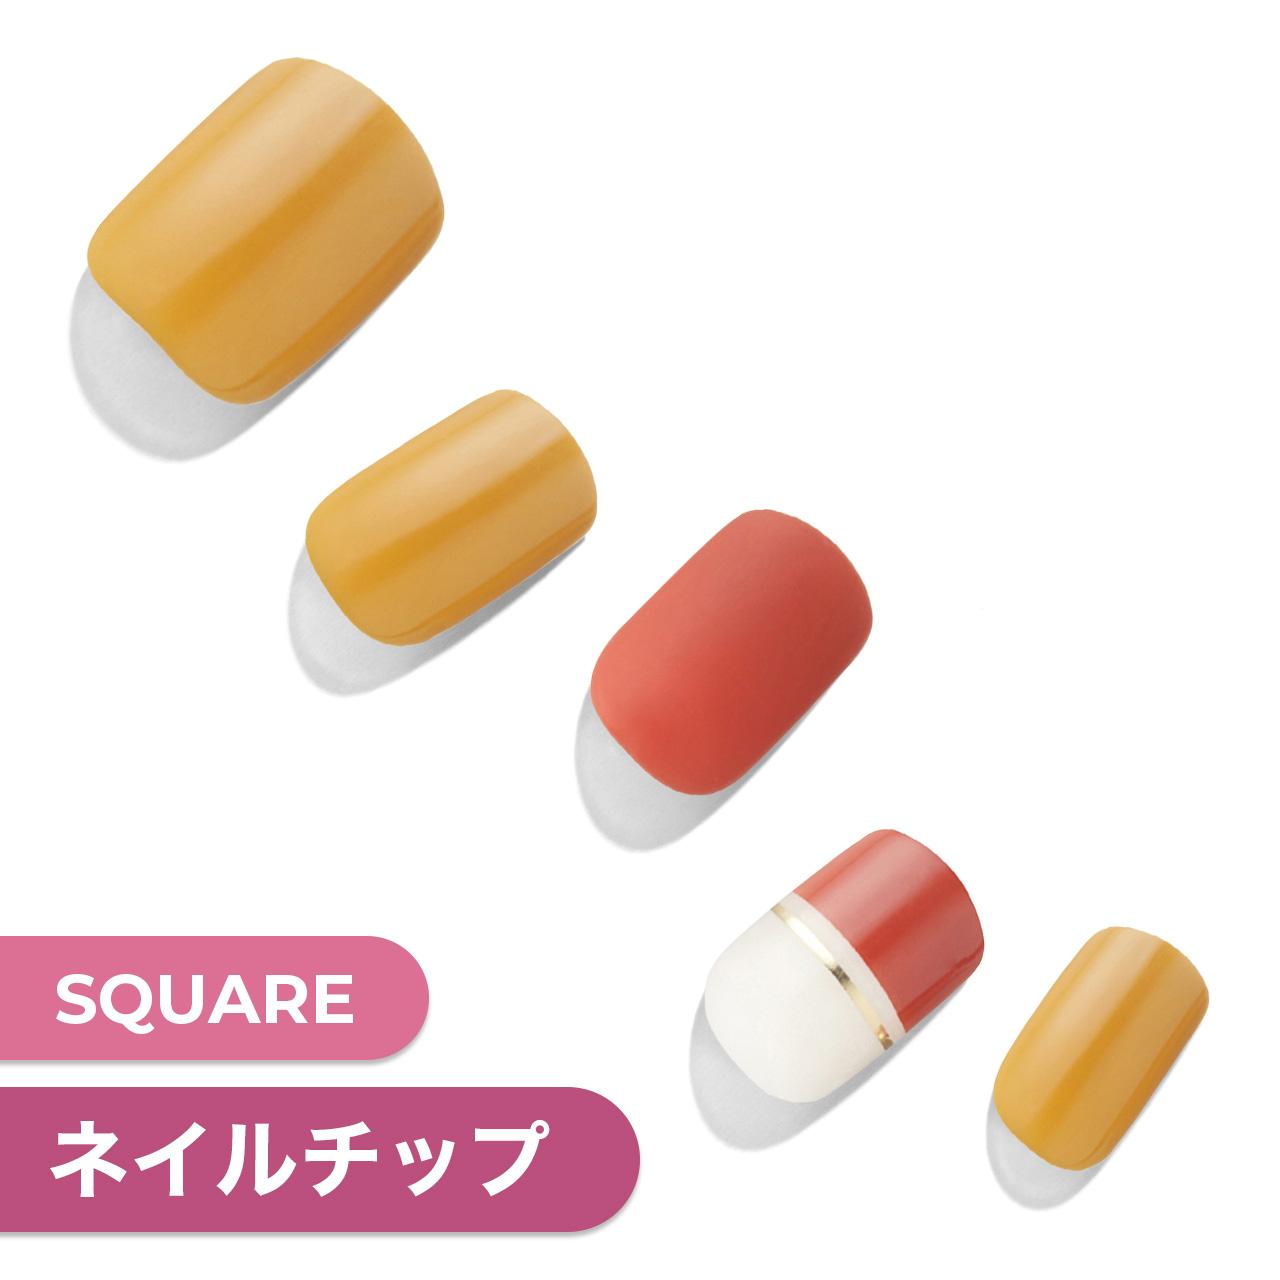 【Saffron scarf】ダッシングディバマジックプレス